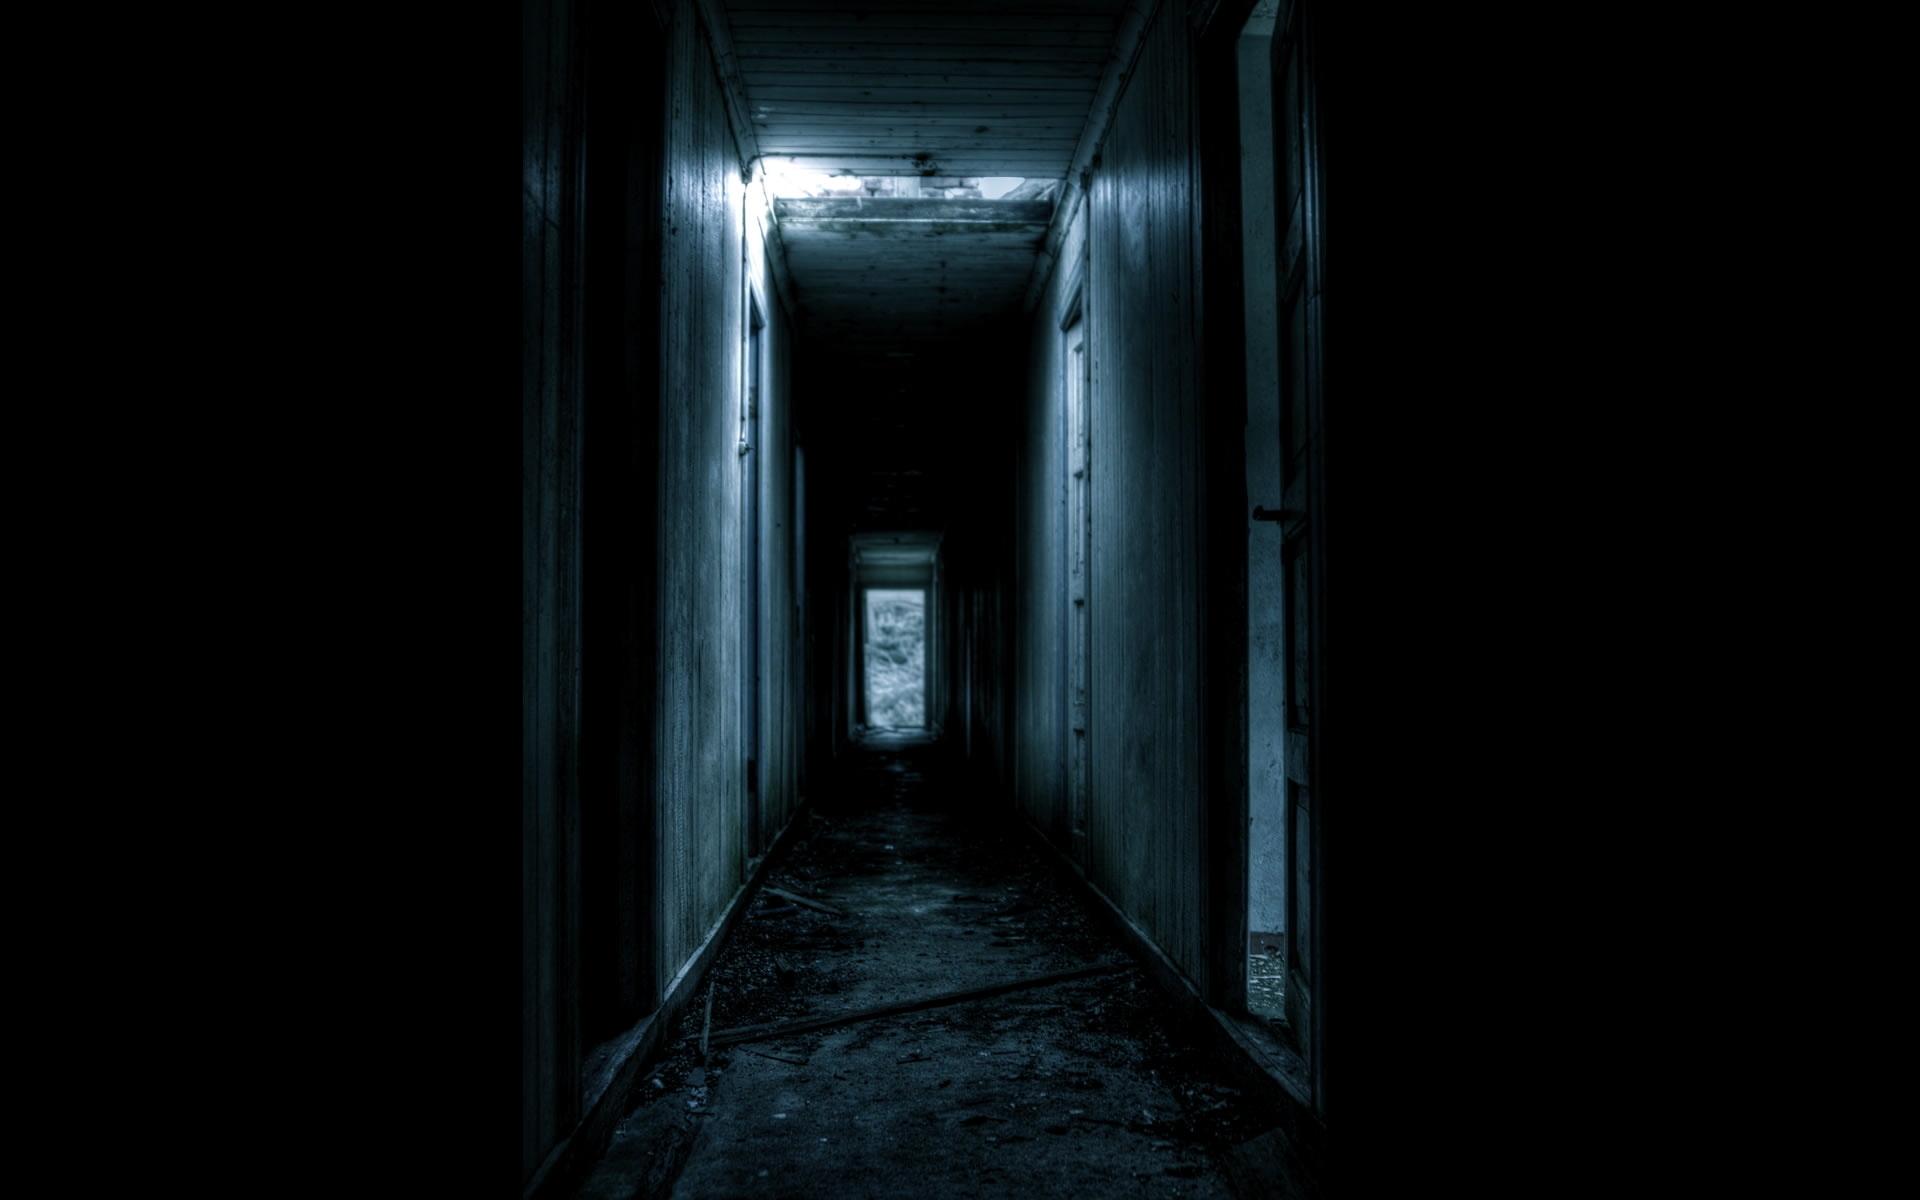 заброшенный дом двери окна коридор  № 2195328 загрузить